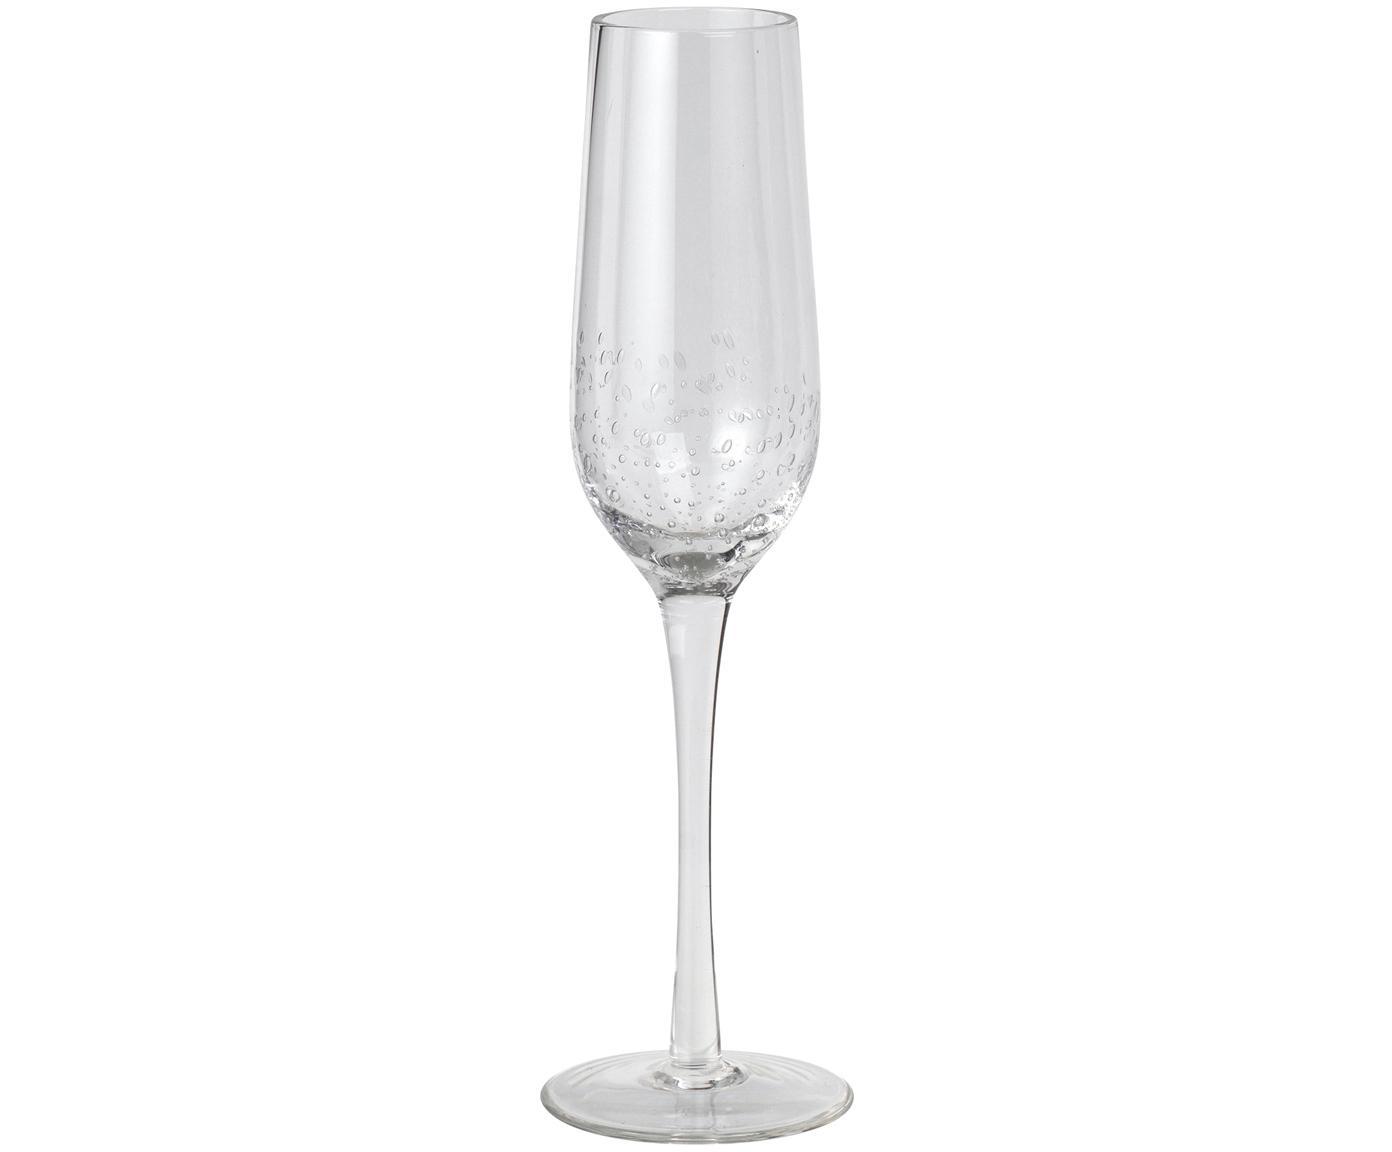 Kieliszek do szampana ze szkła dmuchanego Bubble, 4 szt., Szkło dmuchane, Transparentny z bąbelkami powietrza, Ø 7 x 25 cm